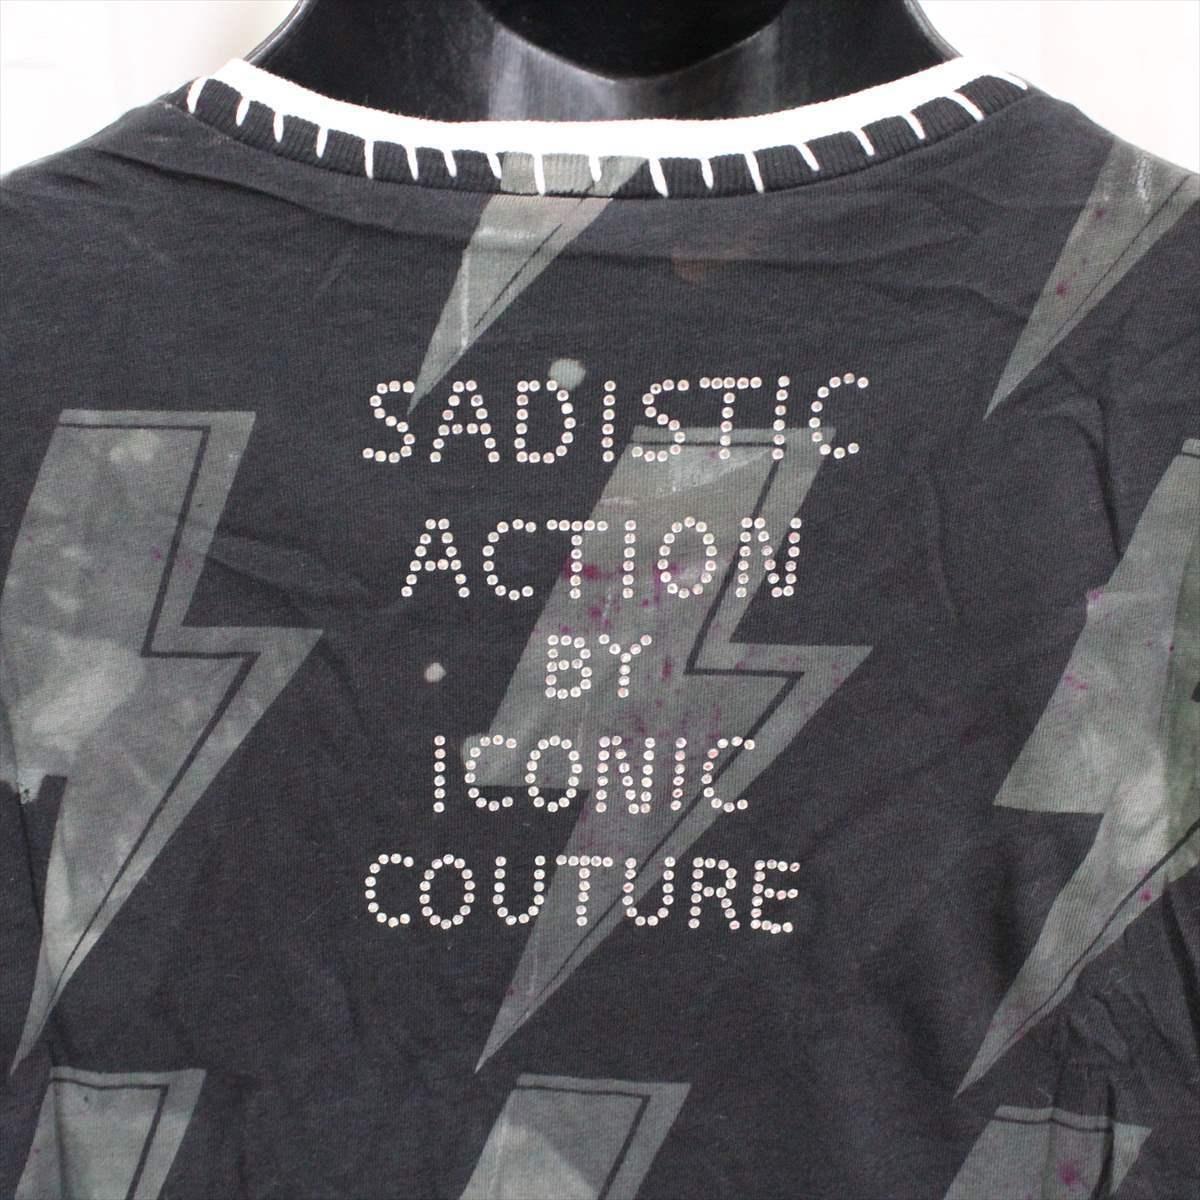 サディスティックアクション SADISTIC ACTION アイコニック ICONIC COUTURE メンズ半袖Tシャツ AC/DC Mサイズ 新品 アメリカ製_画像5